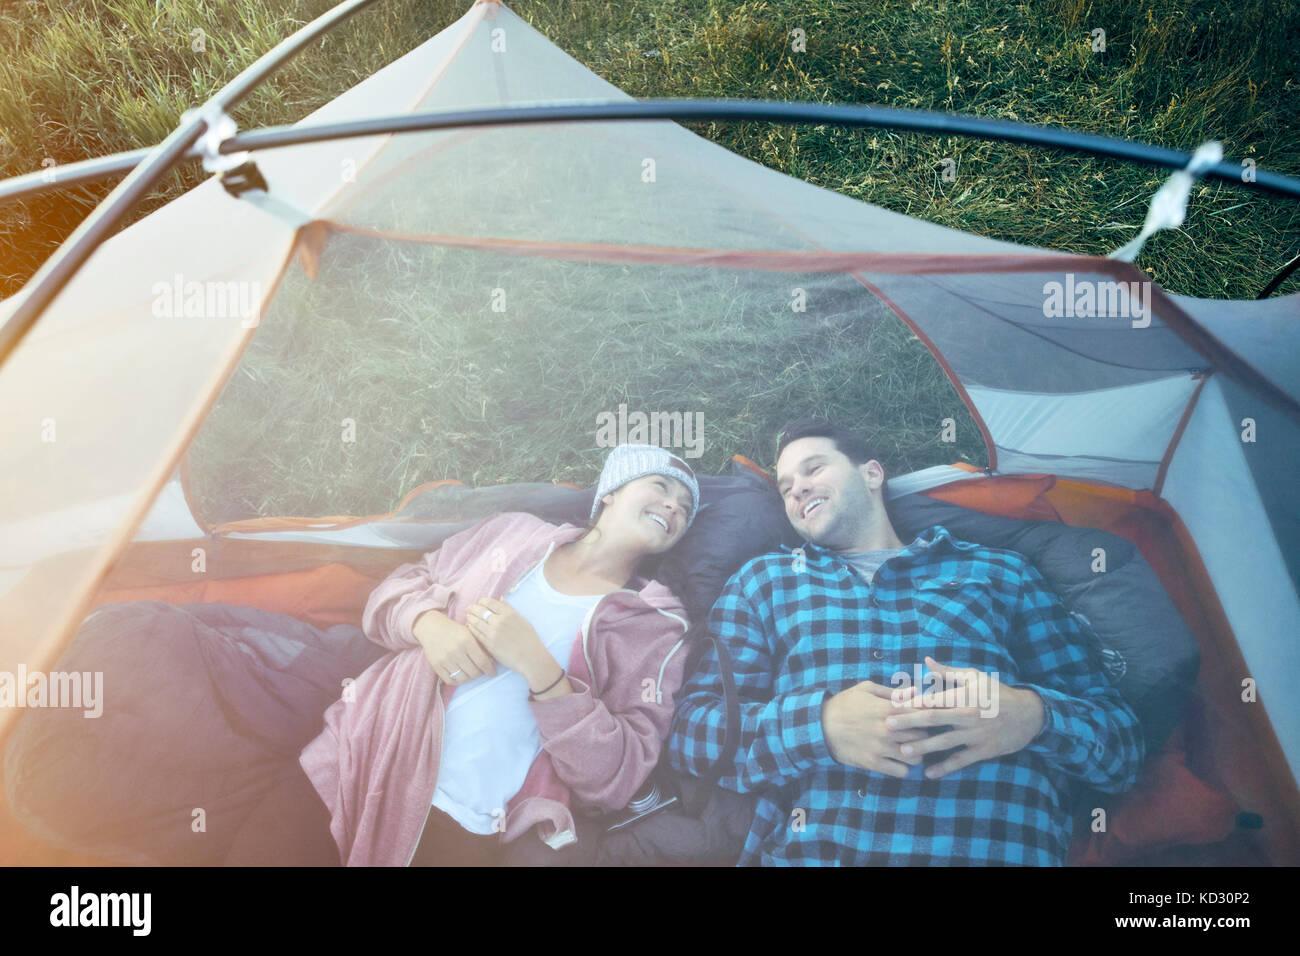 Coppia giacendo in tenda, vista in elevazione Foto Stock